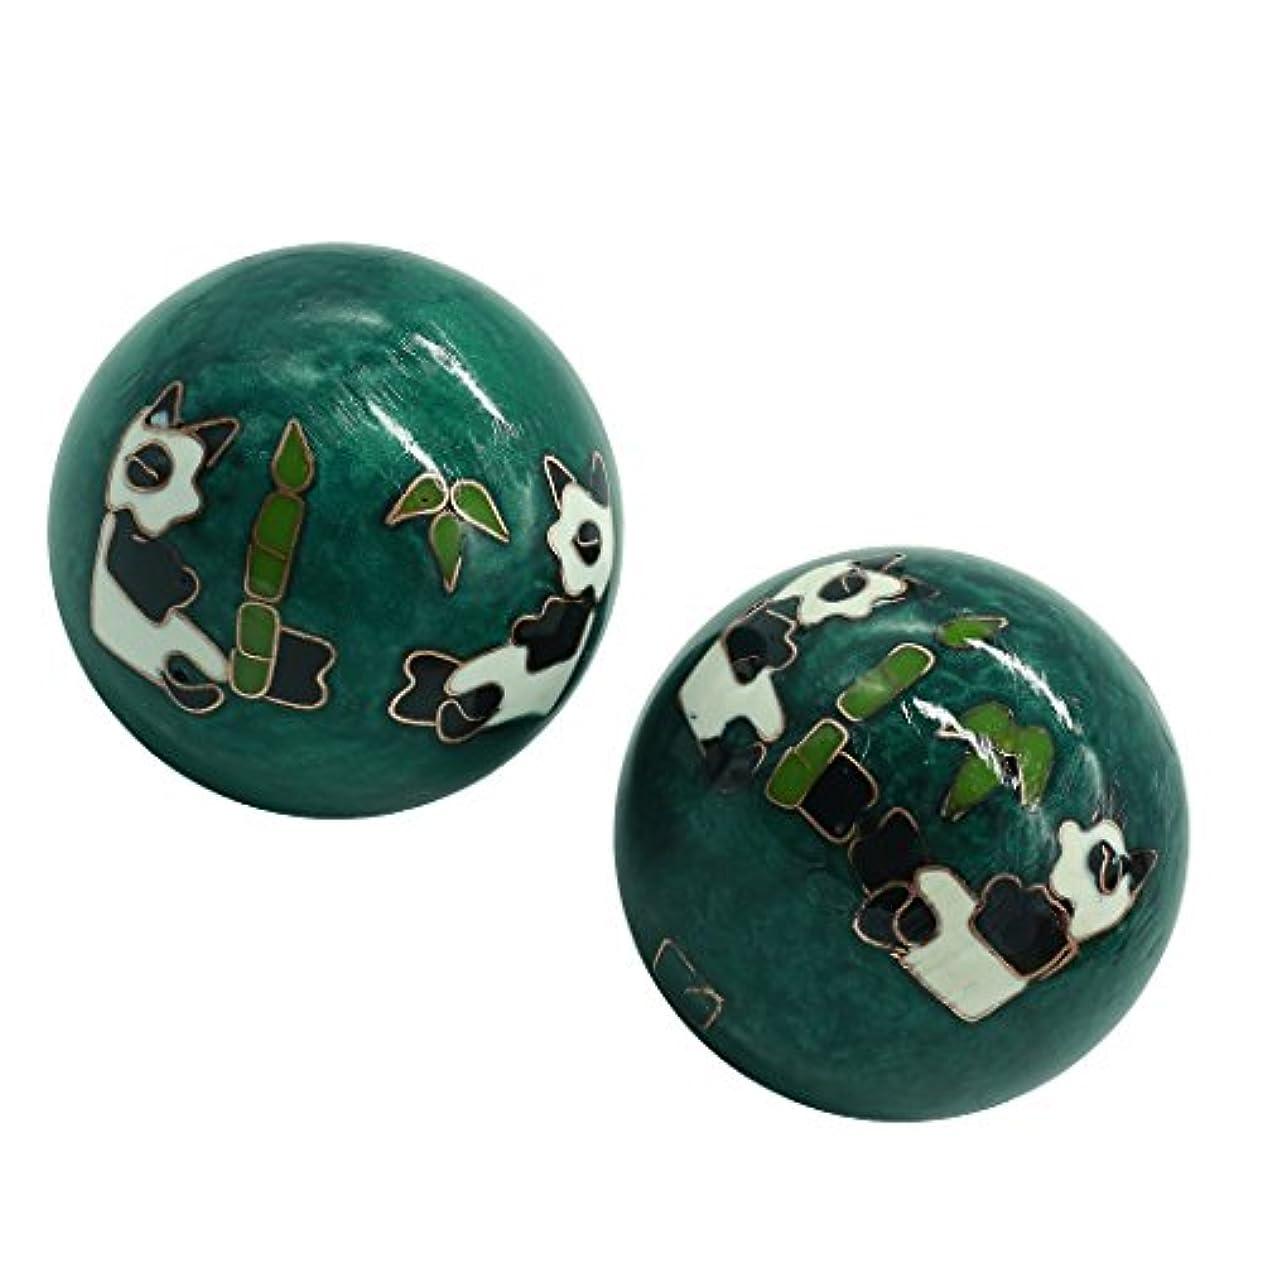 本質的により解体する風水グッズ 健康球 健身球 脳 活性 ストレス トレーニング器具 手の機能回復 2個 パンダ (グリーン, 50mm) INB171